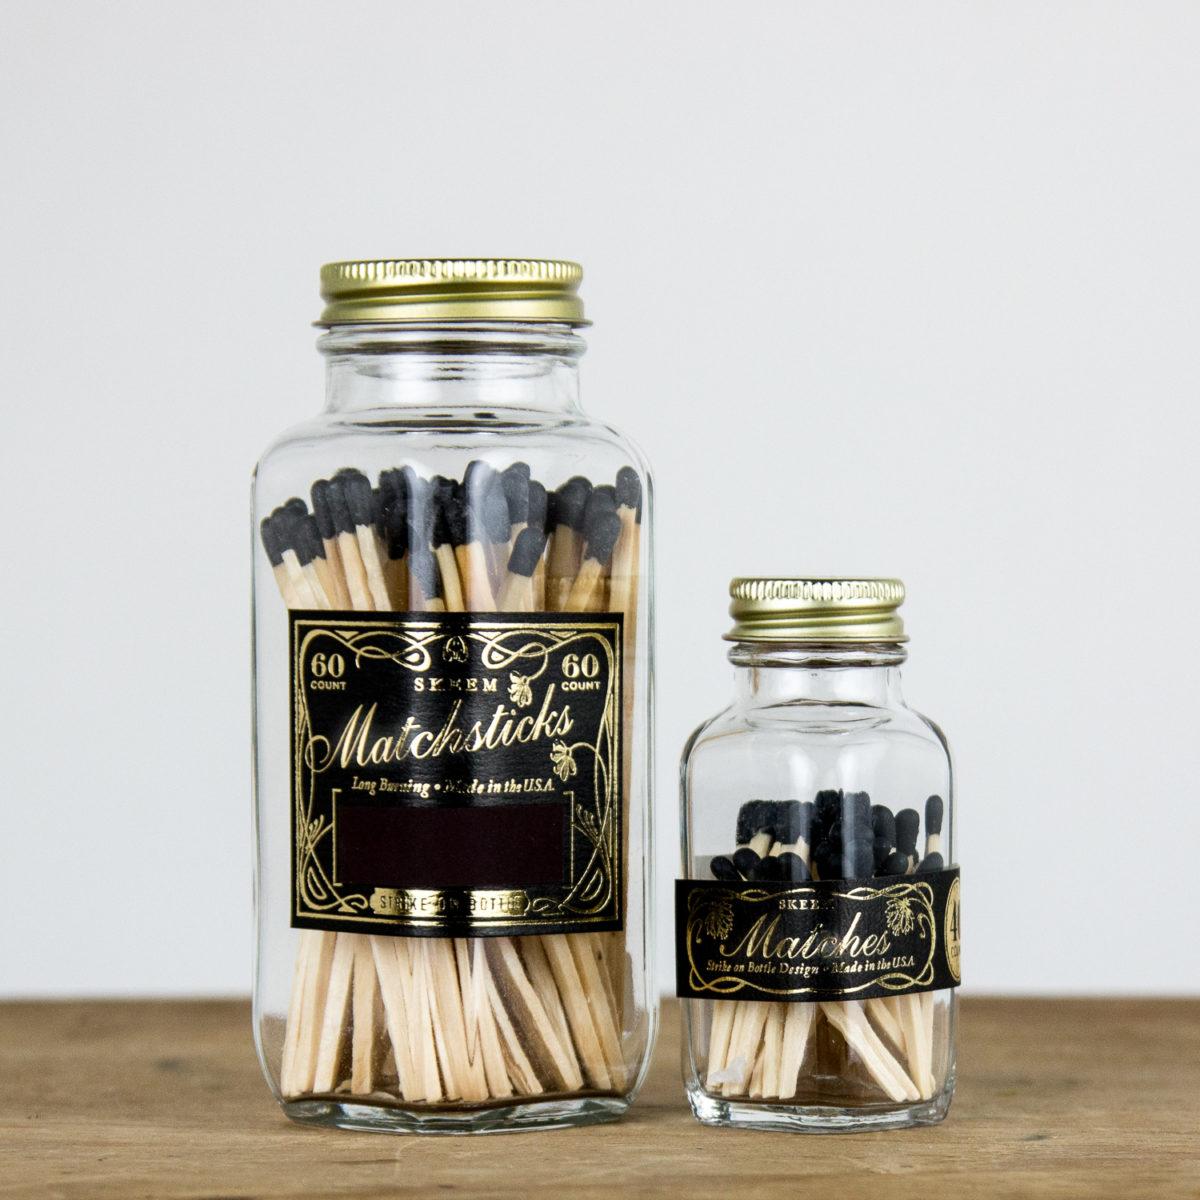 matchstick-jars